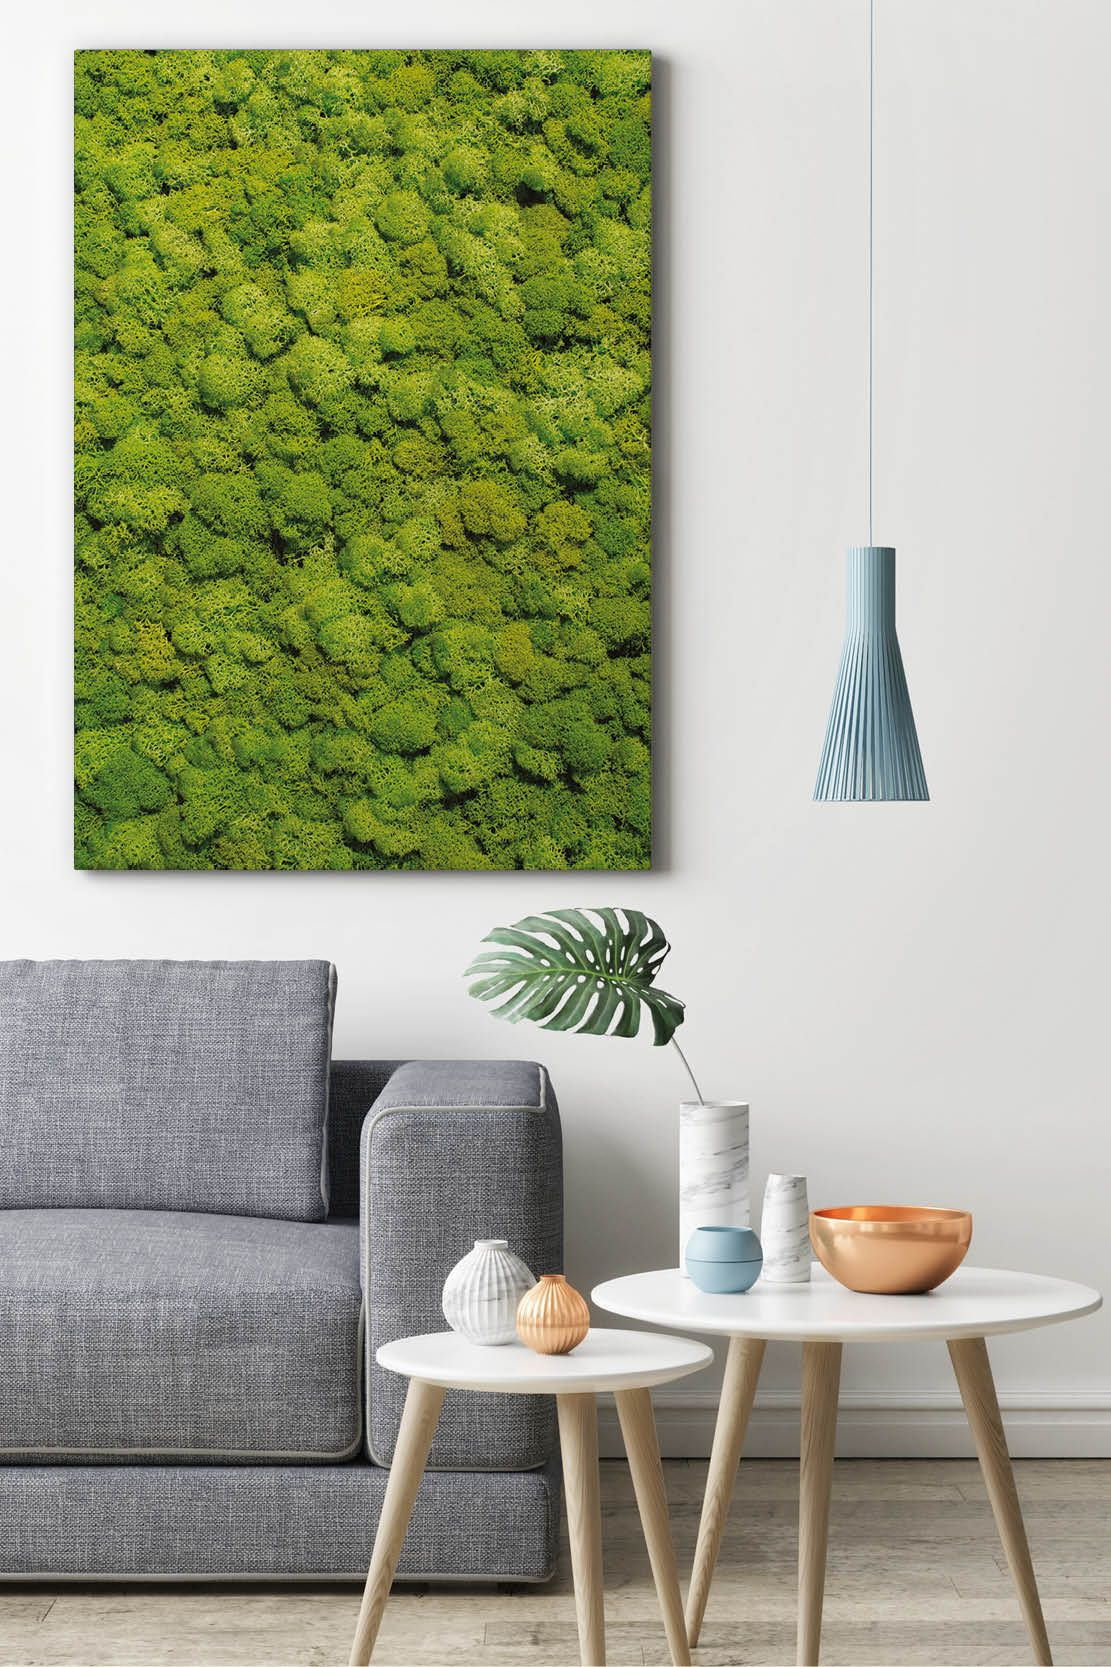 Vertikale Gärten als Moosbild an der Wand im Wohnzimmer über der